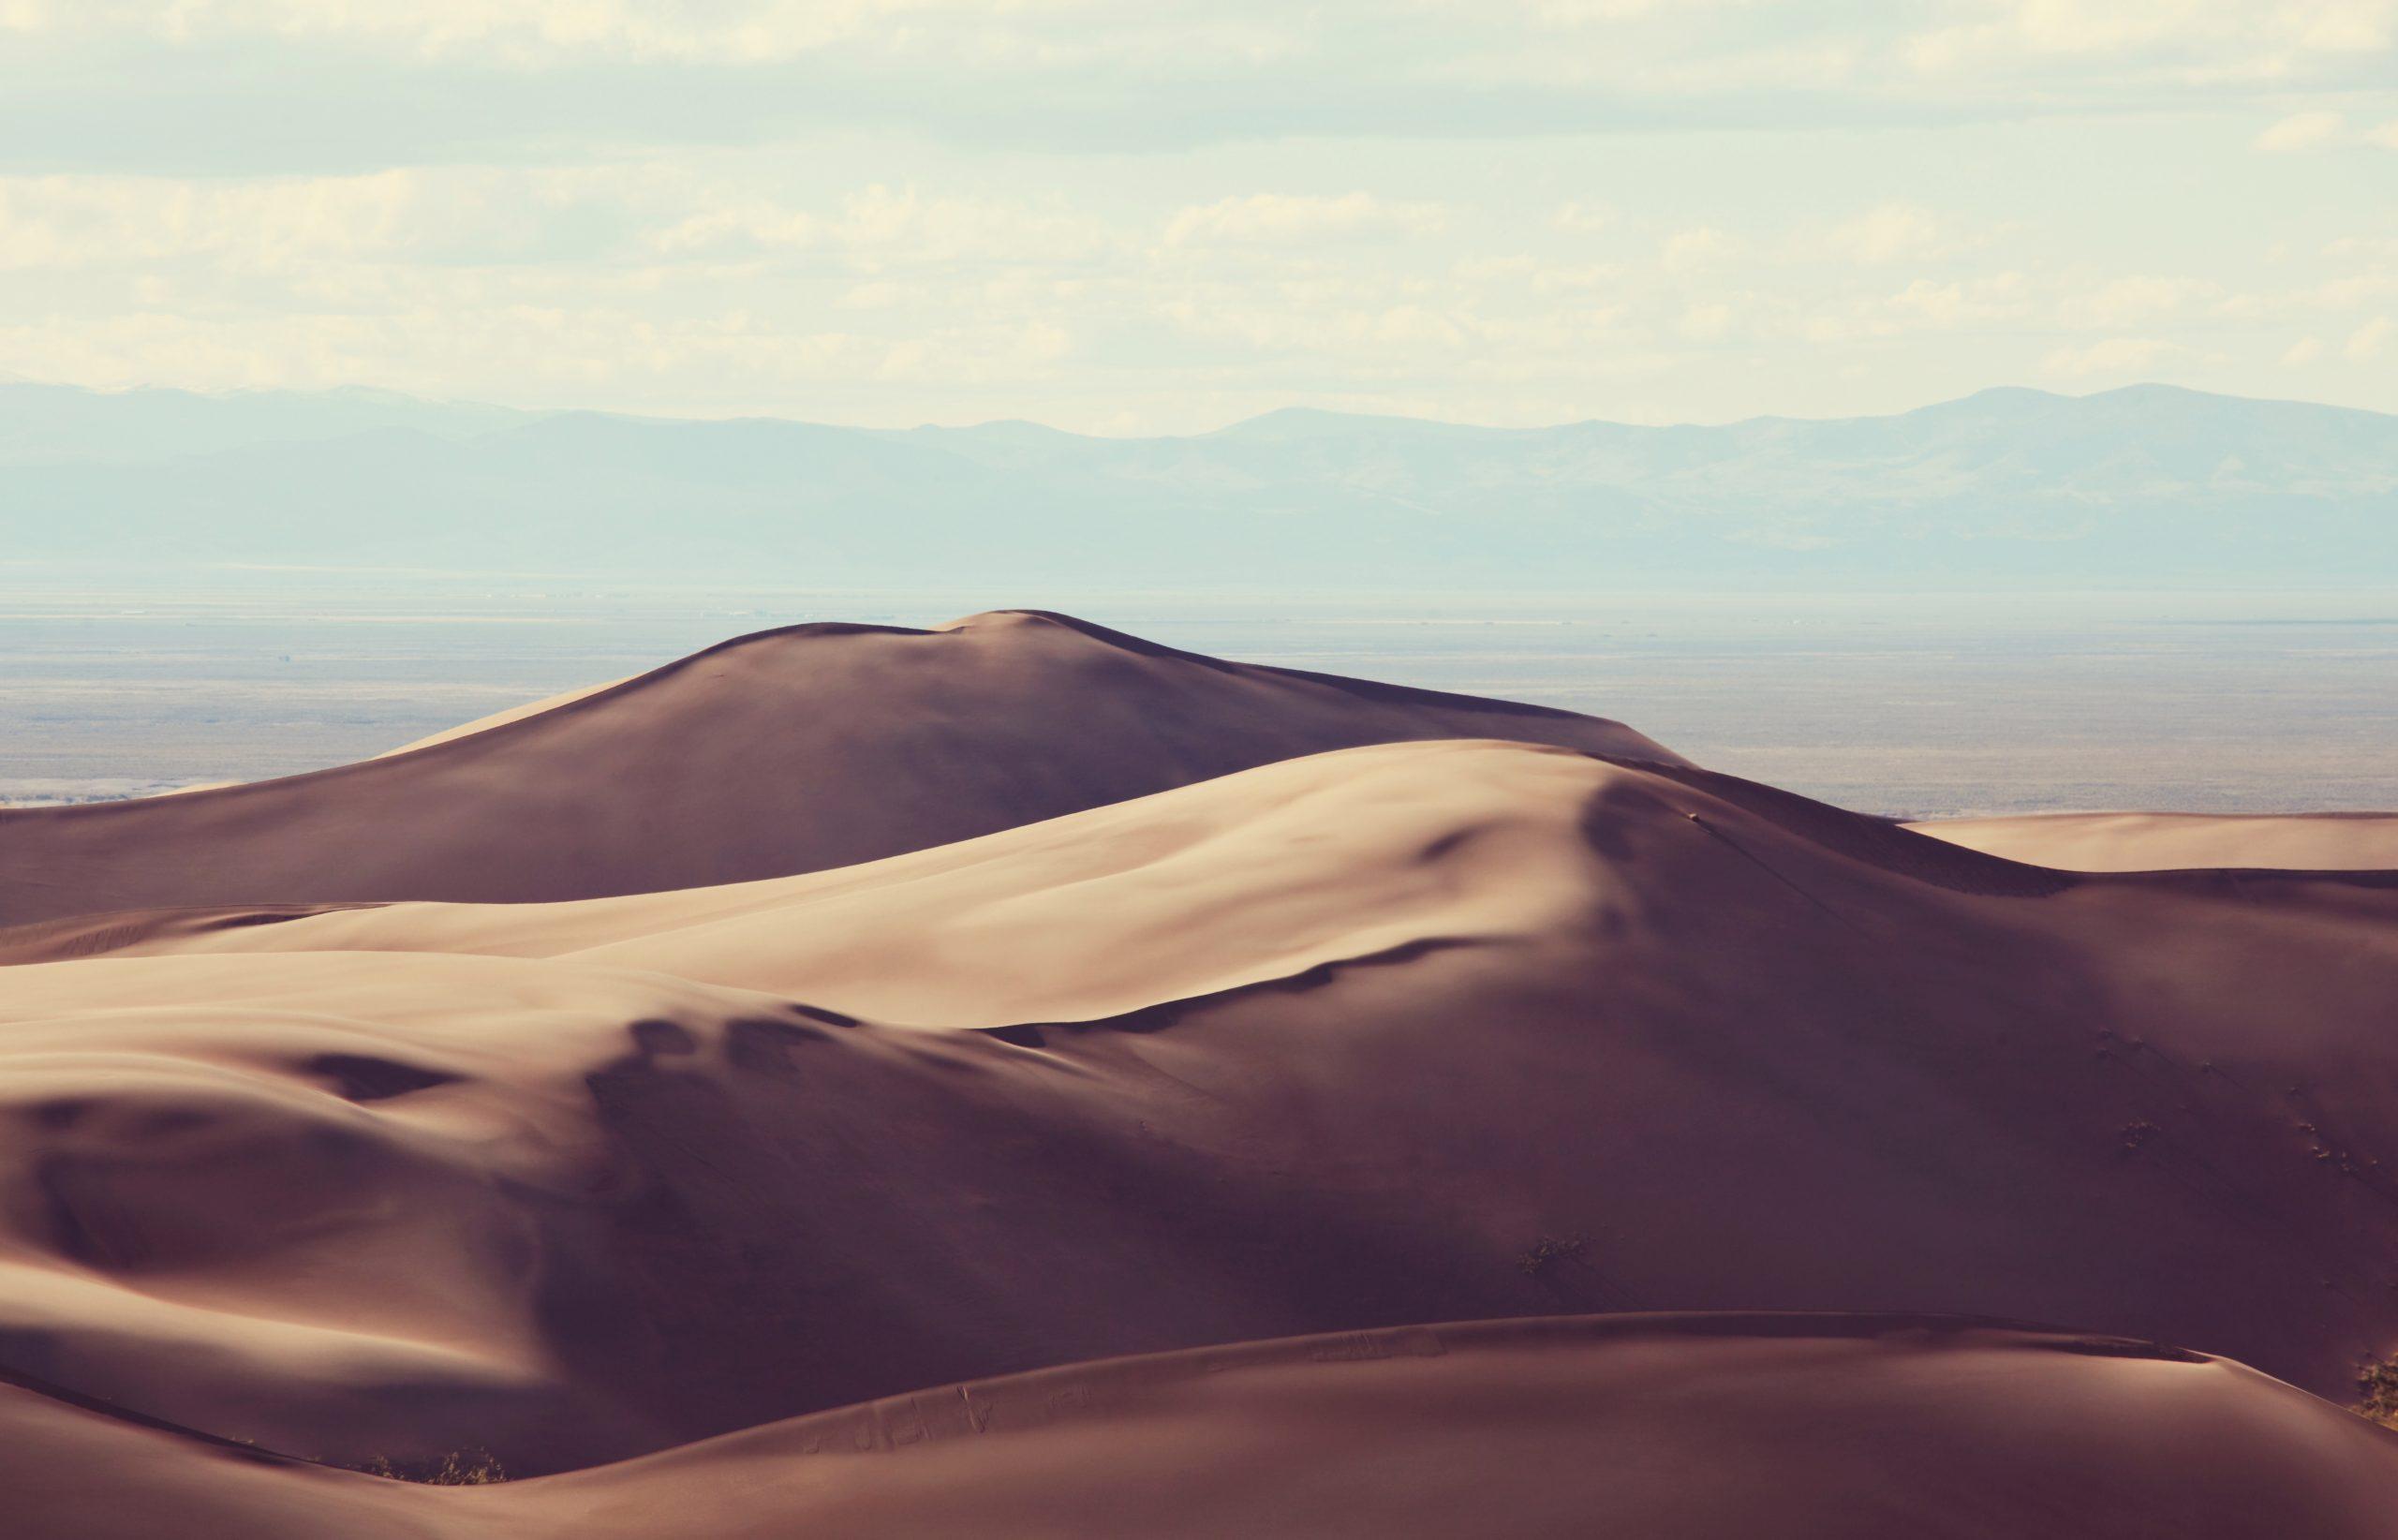 Sand dunes in the Sahara desert